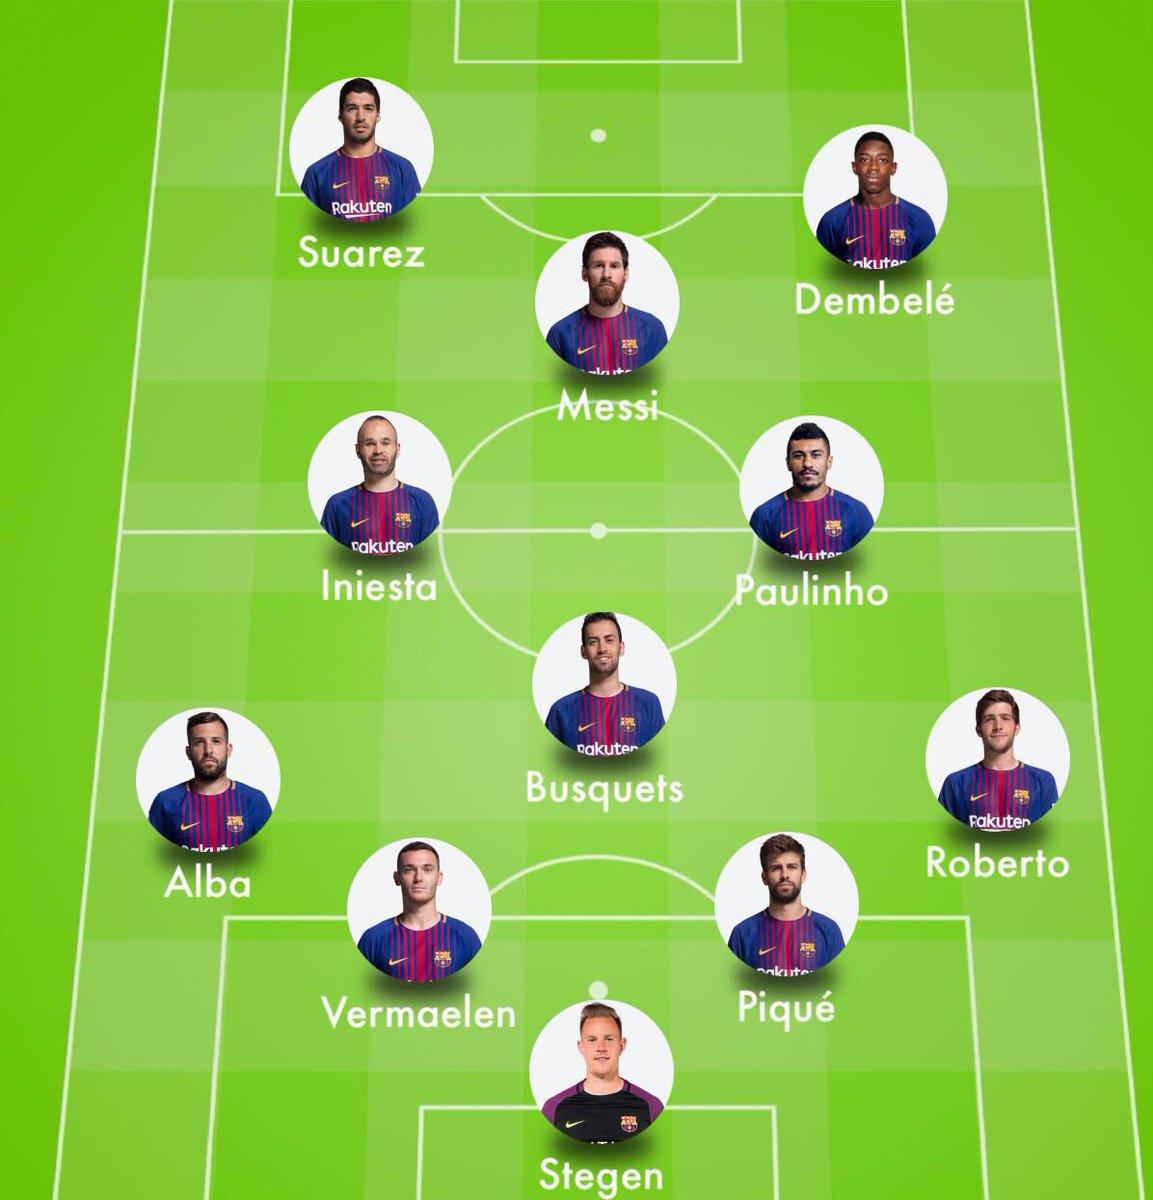 Nuestro 11 para mañana contra la Real Sociedad: Ter Stegen; Sergi Roberto, Piqué, Vermaelen, Jordi Alba; Busquets, Paulinho, Iniesta; Dembélé, Messi y Luis Suárez. #FCBLive